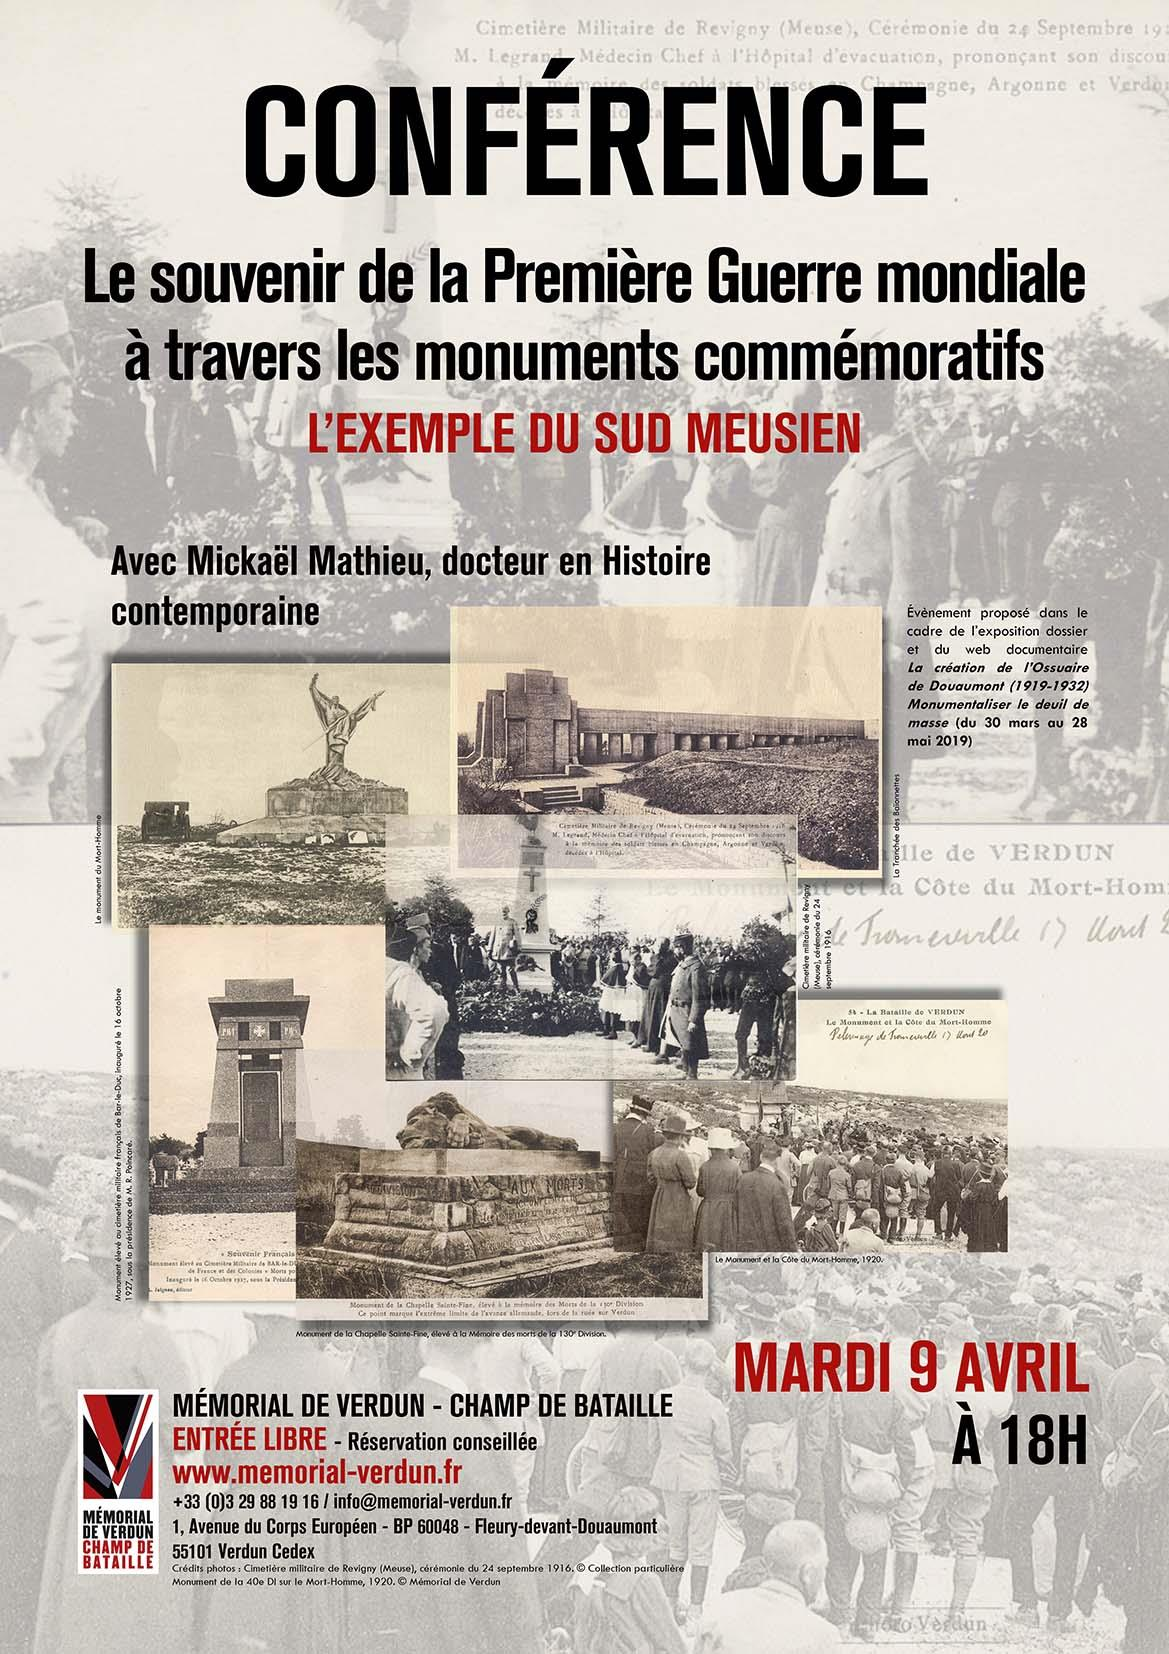 CONFÉRENCE | LE SOUVENIR DE LA PREMIÈRE GUERRE MONDIALE À TRAVERS LES MONUMENTS COMMÉMORATIFS : L'EXEMPLE DU SUD MEUSIEN